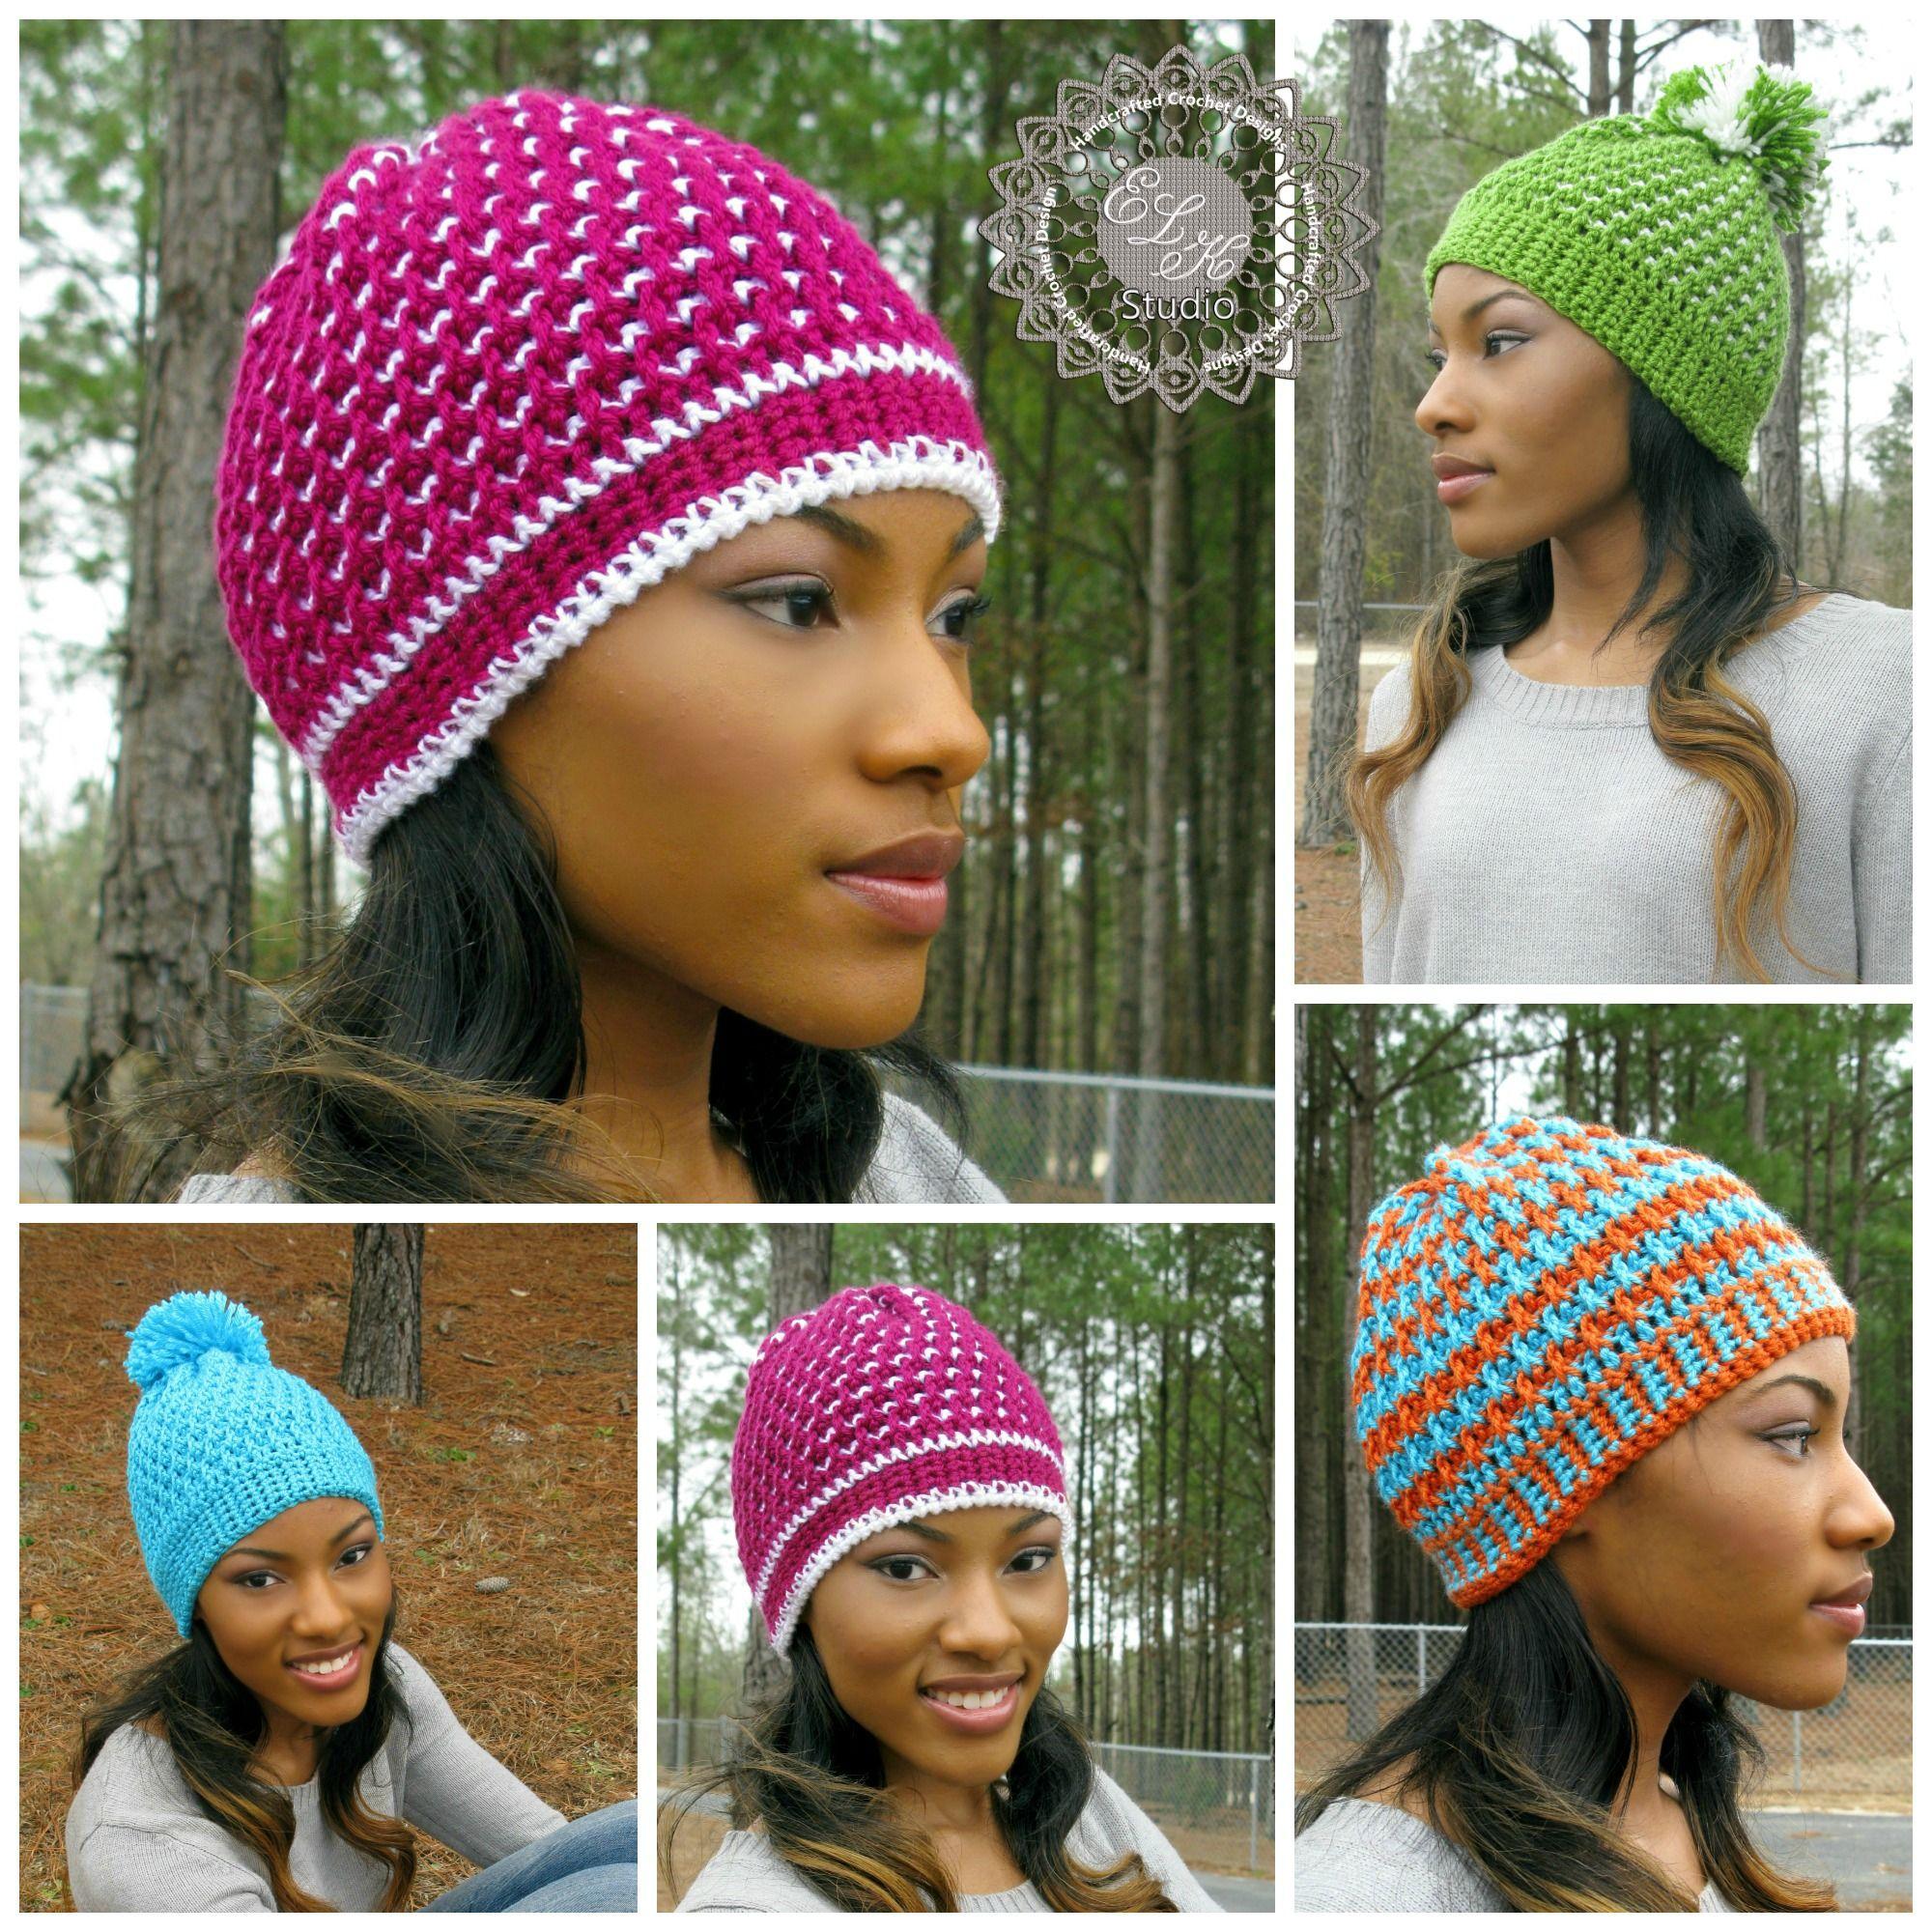 9a7f7aea3b4 Morning Frost - A Free Crochet Hat by ELK Studio